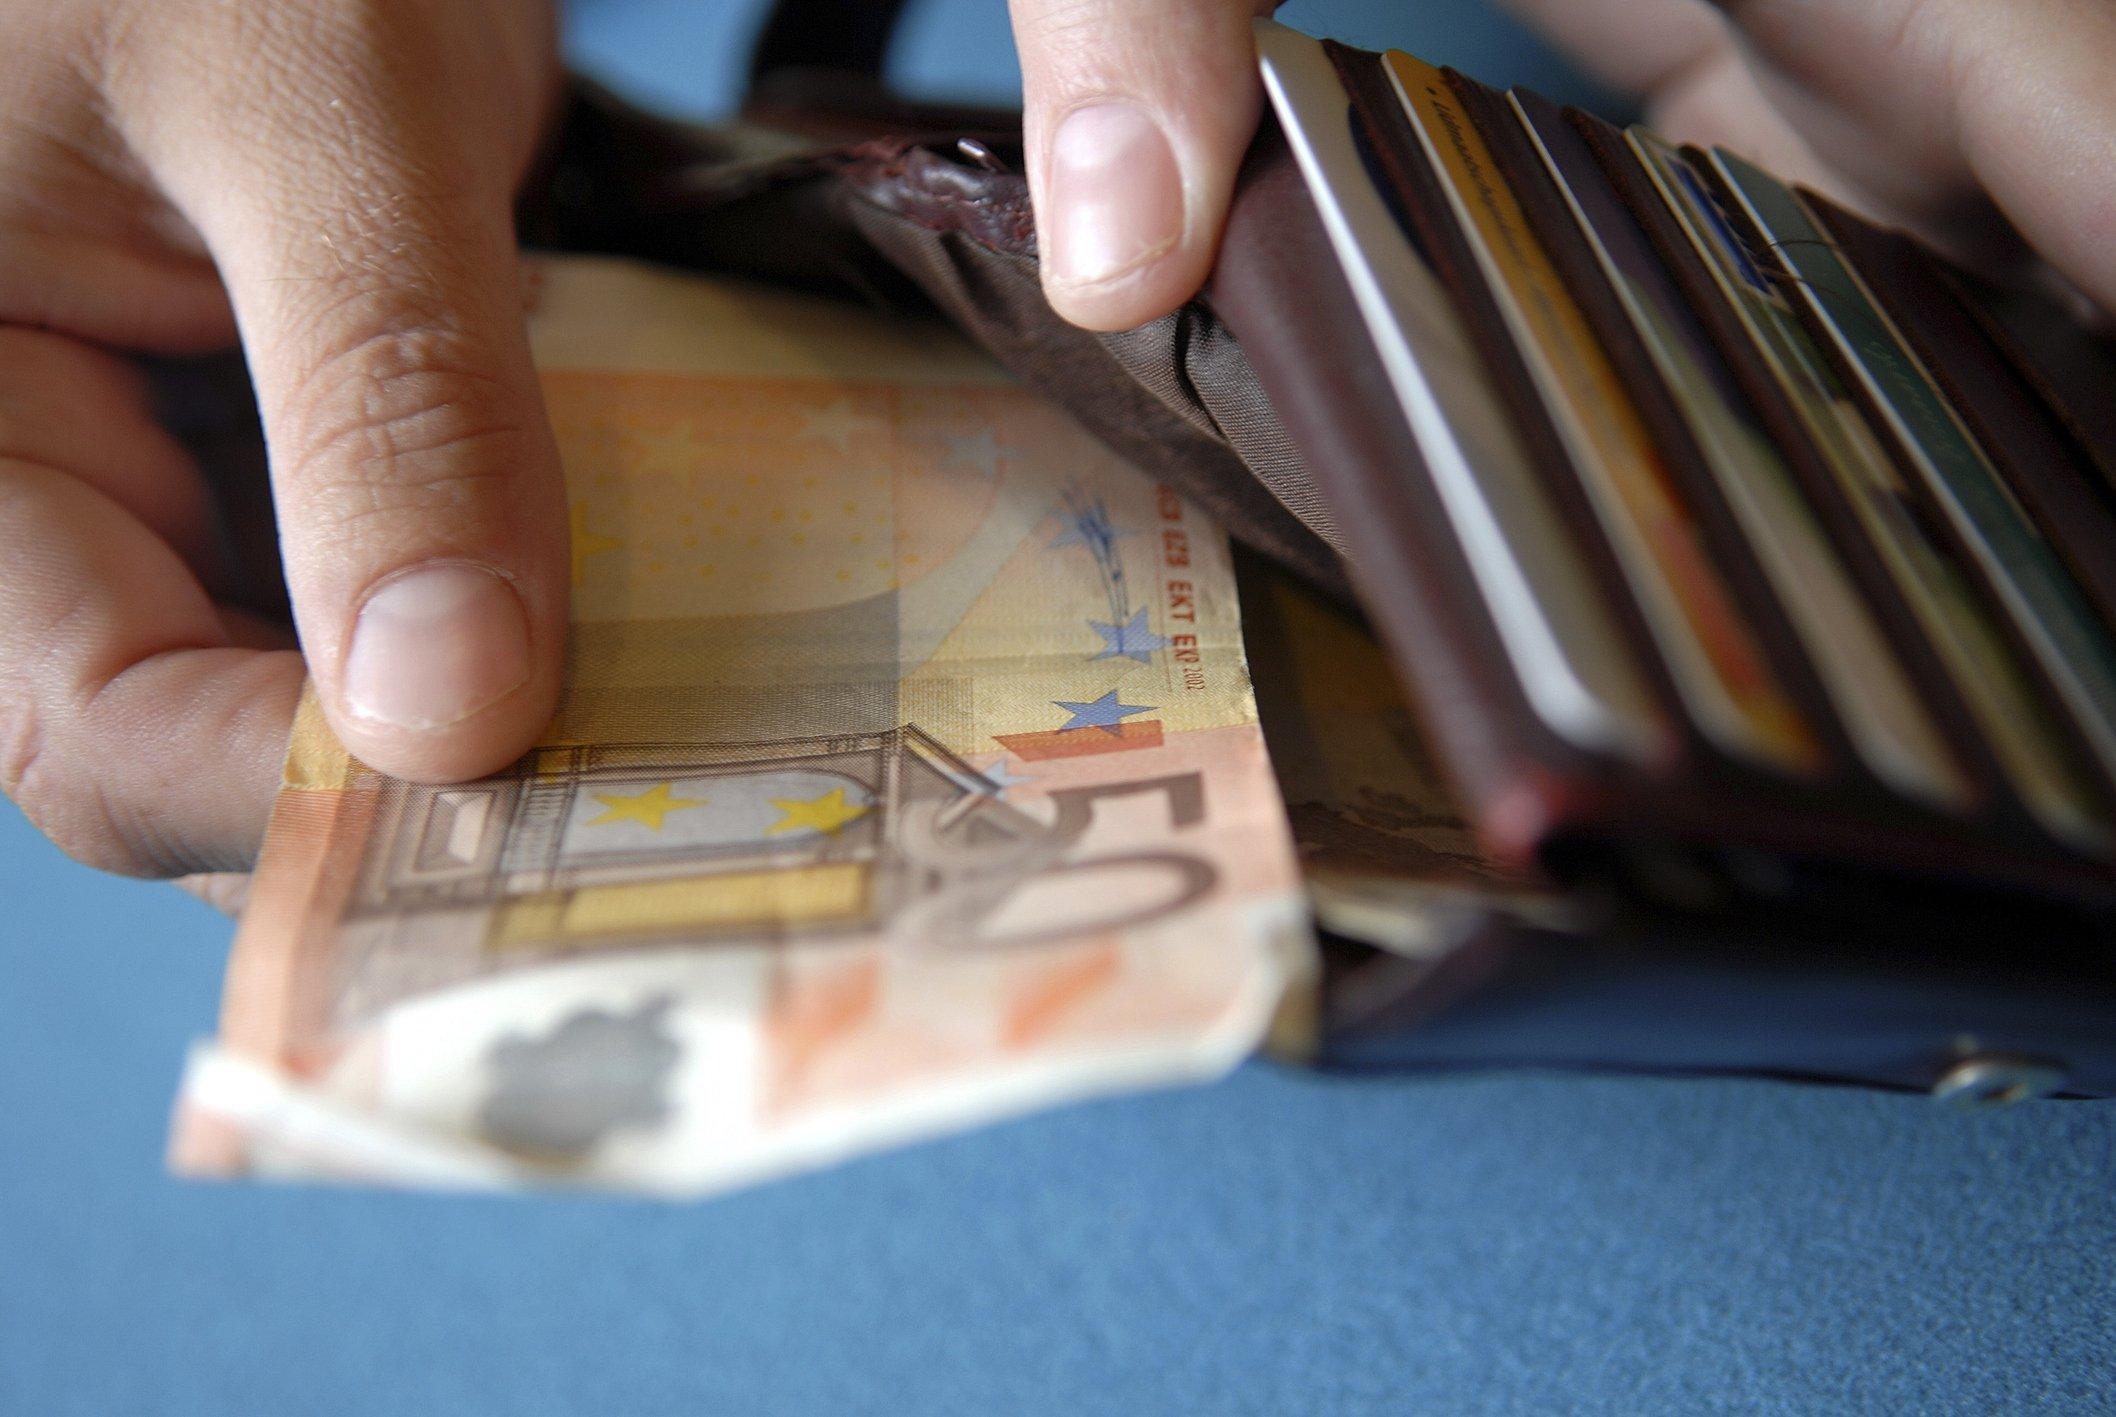 El coronavirus puede con todo menos con Hacienda: comenzó la Campaña de Renta con la previsión de devolver 10.686 millones de euros a 14.565.000 contribuyentes